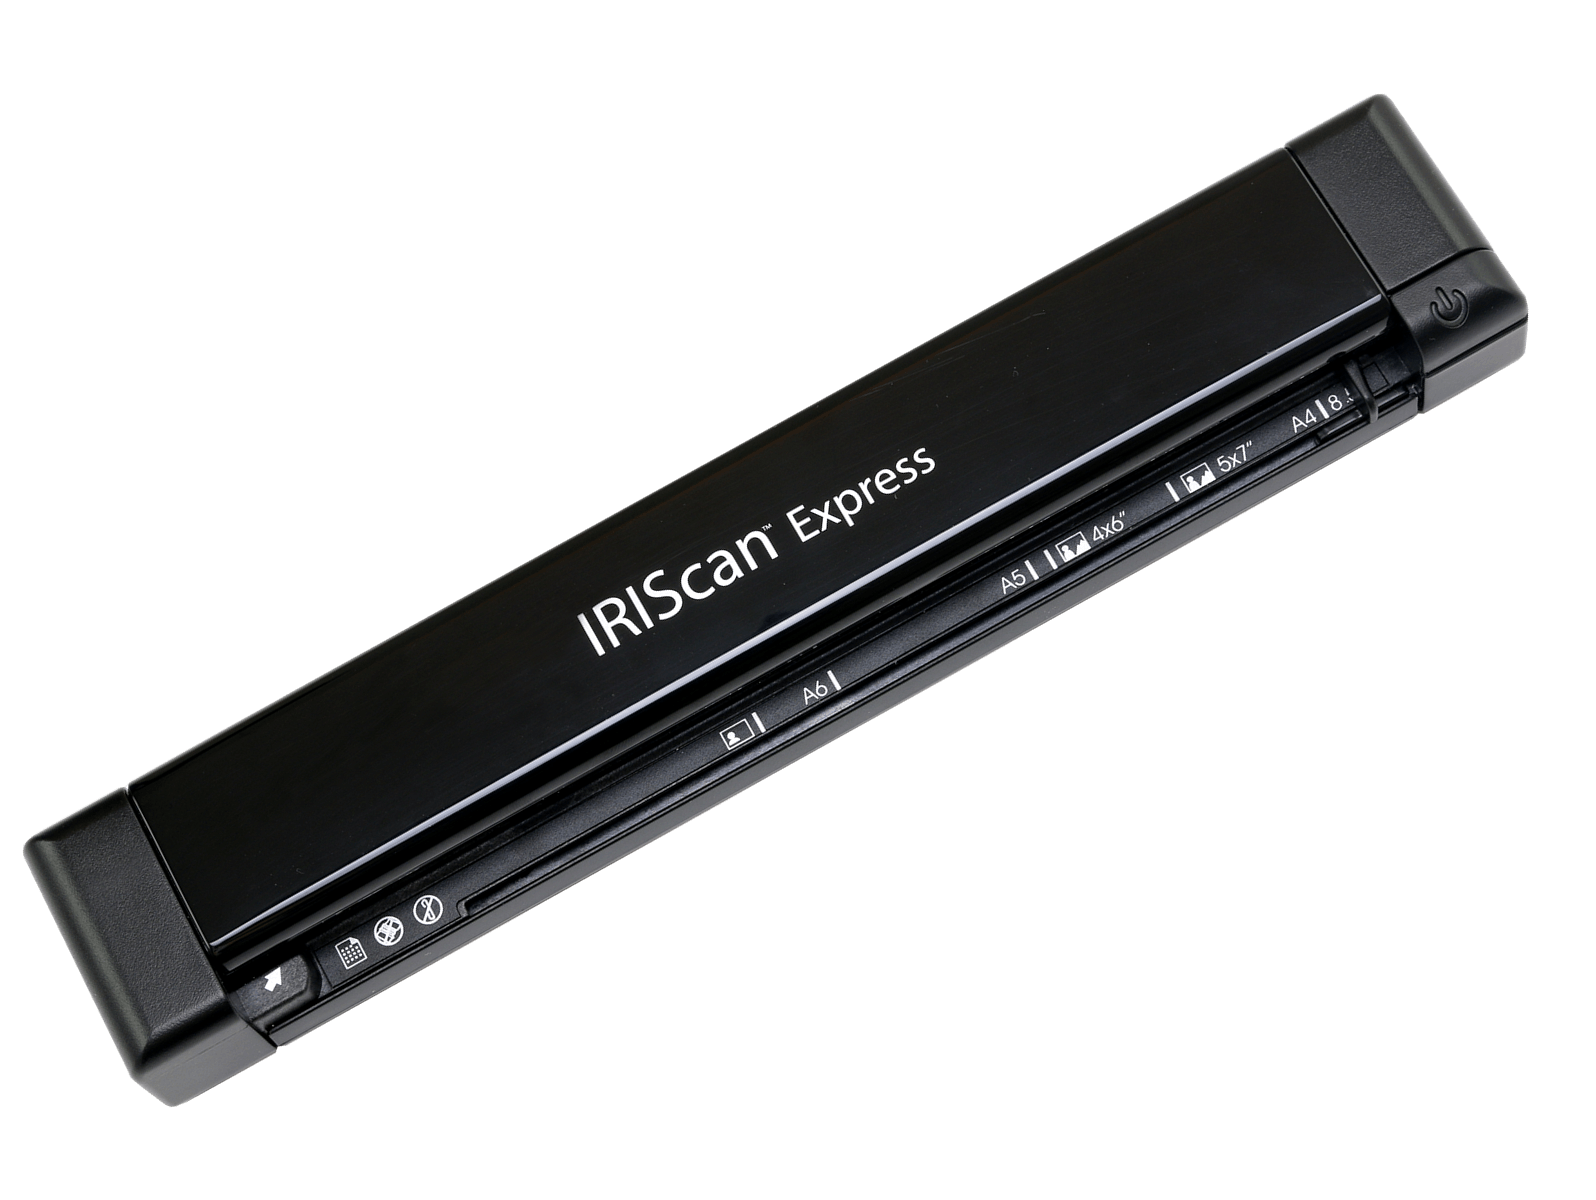 IRIScan Express 4 - Un escáner ligero y ergonómico